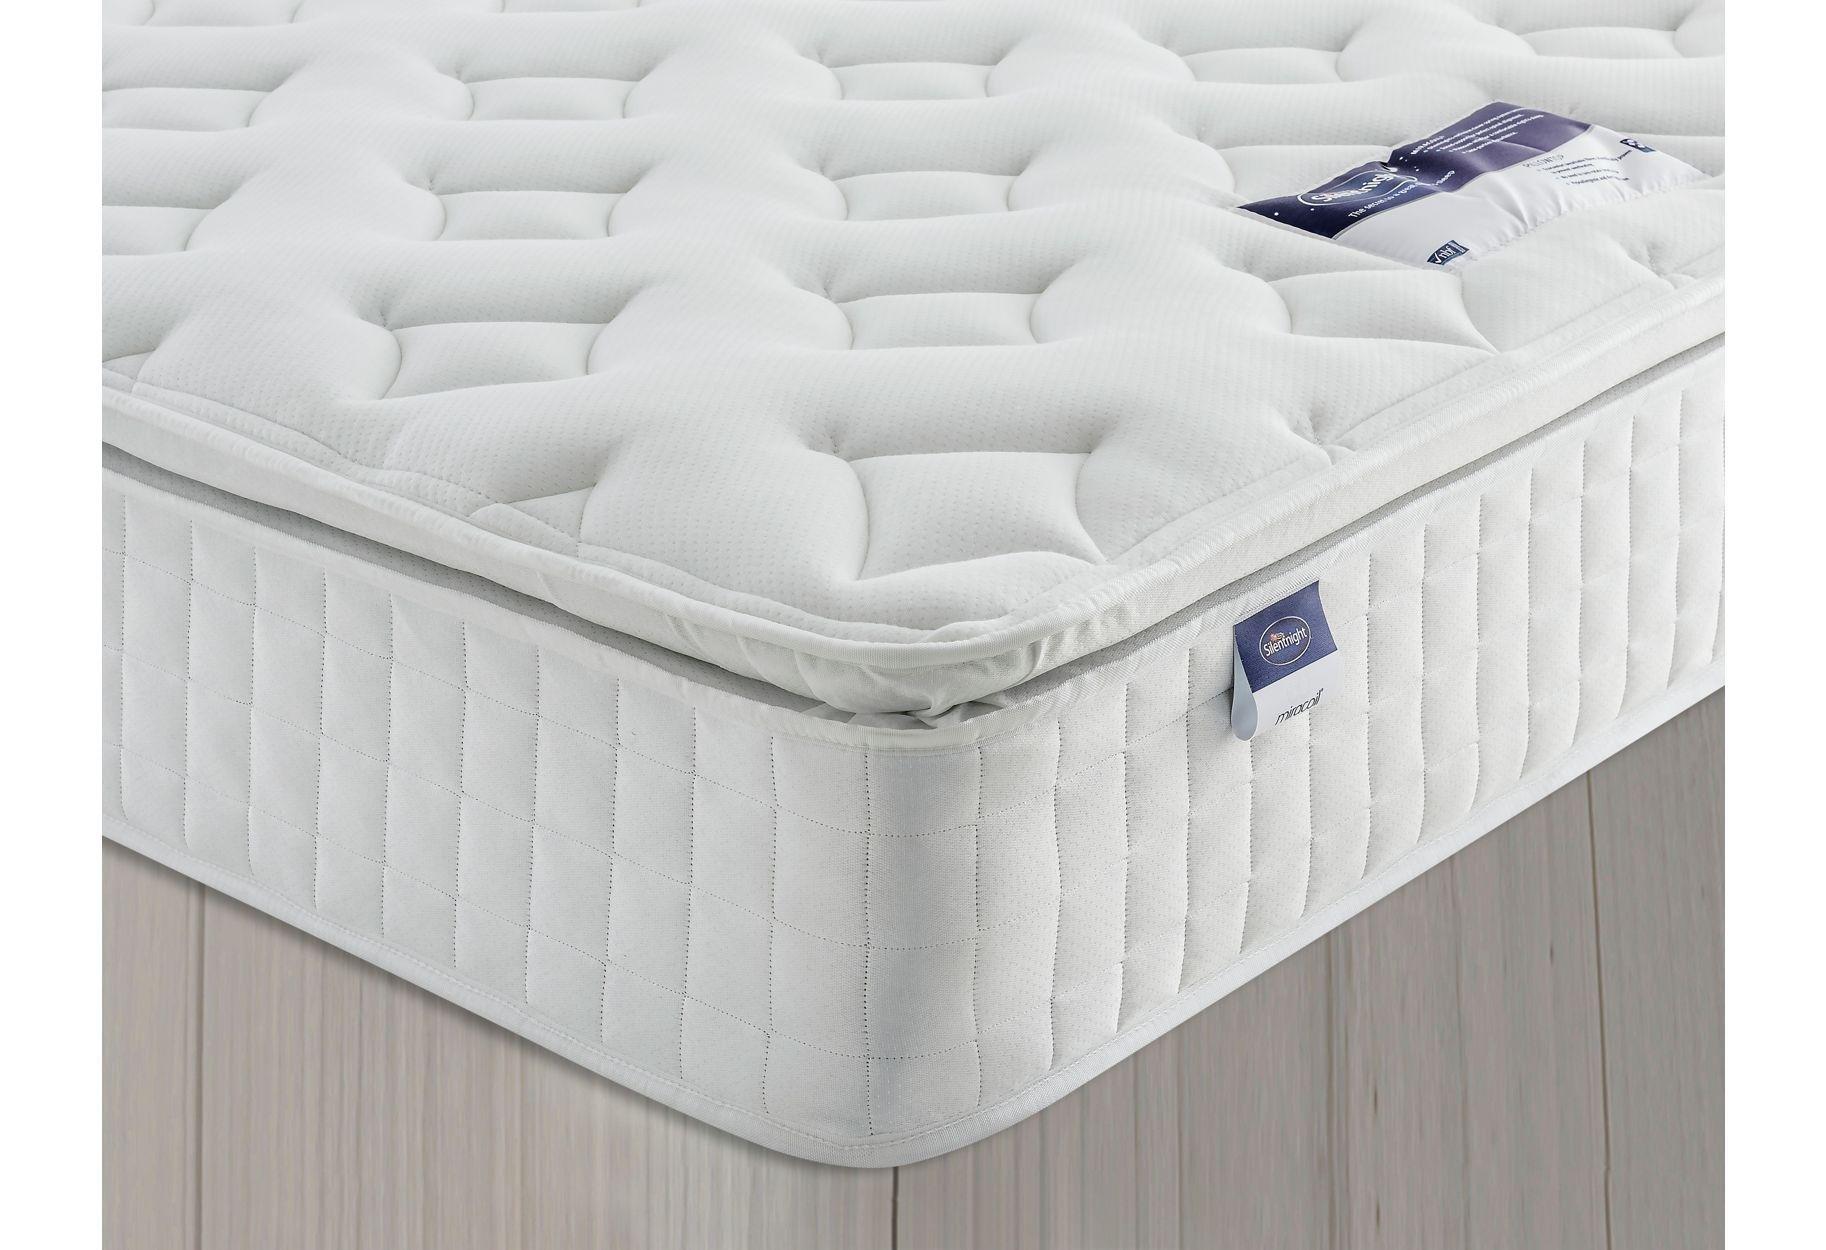 silentnight stanfield sprung pillowtop double mattress